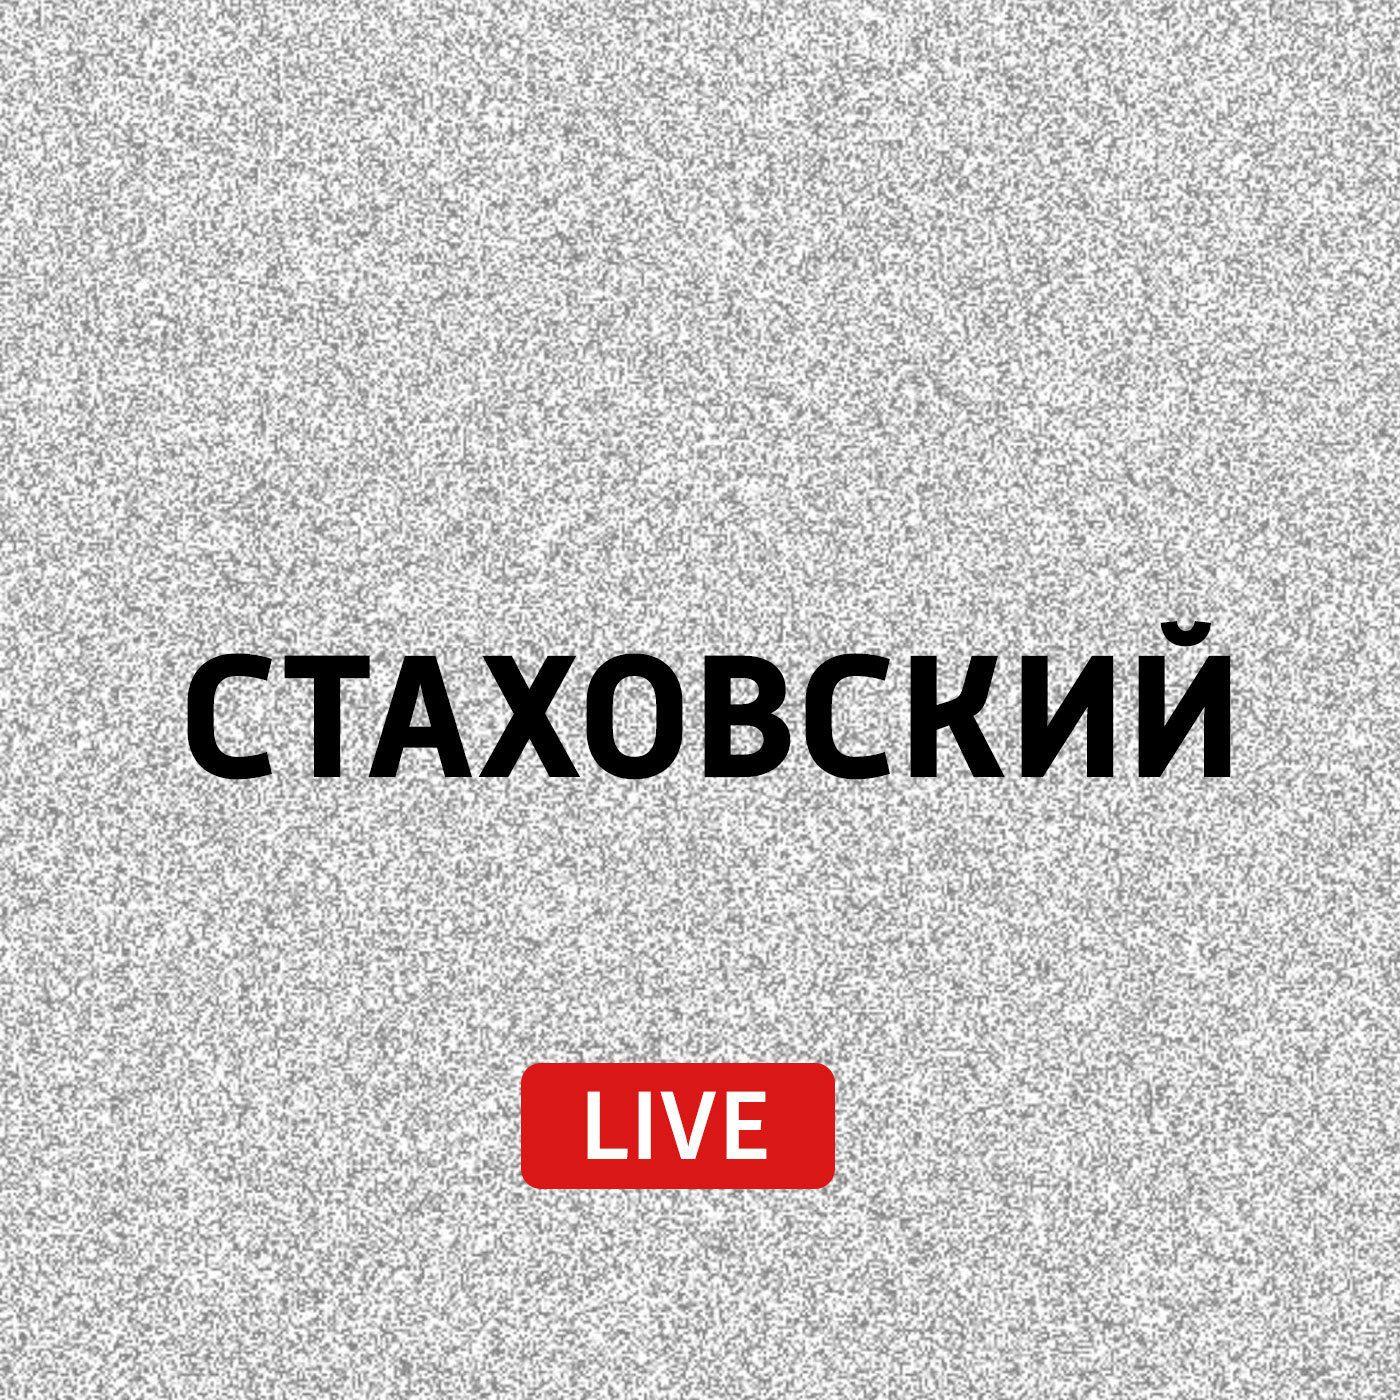 Евгений Стаховский День космонавтики и новые люди евгений стаховский о книгах и умных людях